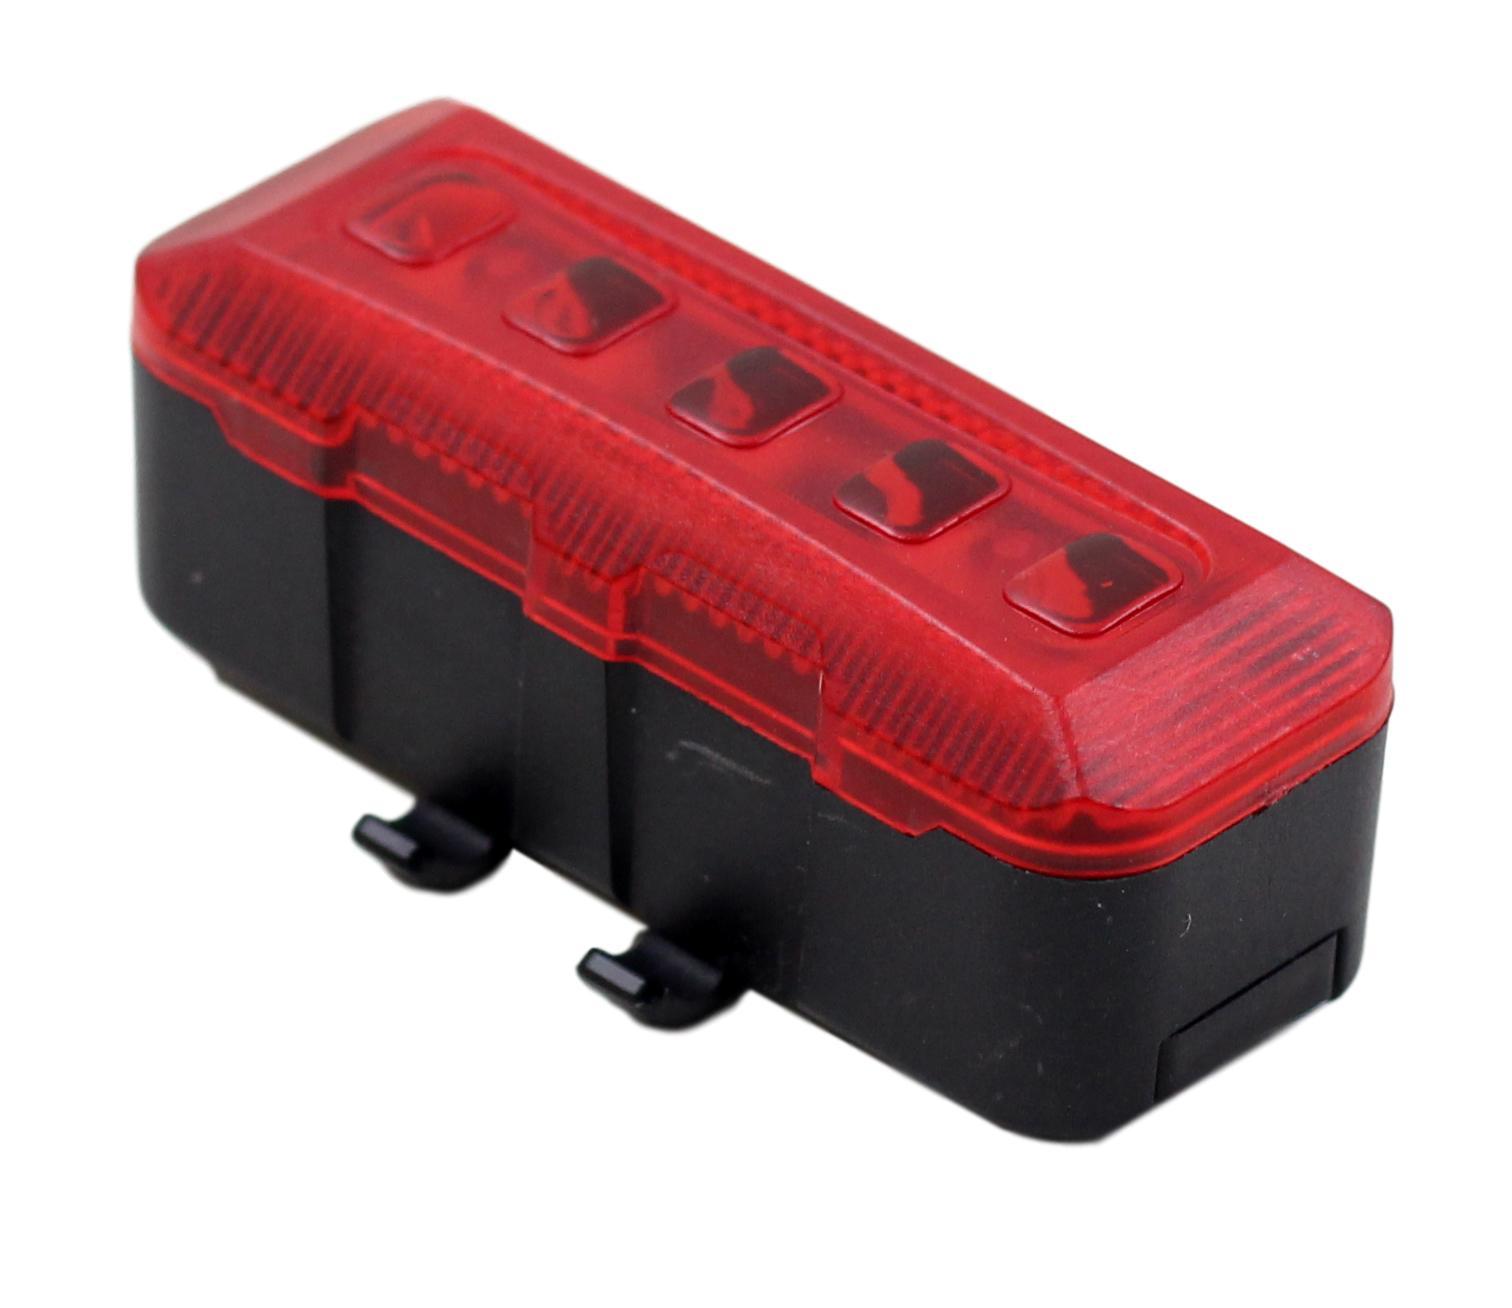 Sinalizador Traseiro JWS WS-201 com 5 Leds Vermelho Modos Luz Noturna Alta Potência